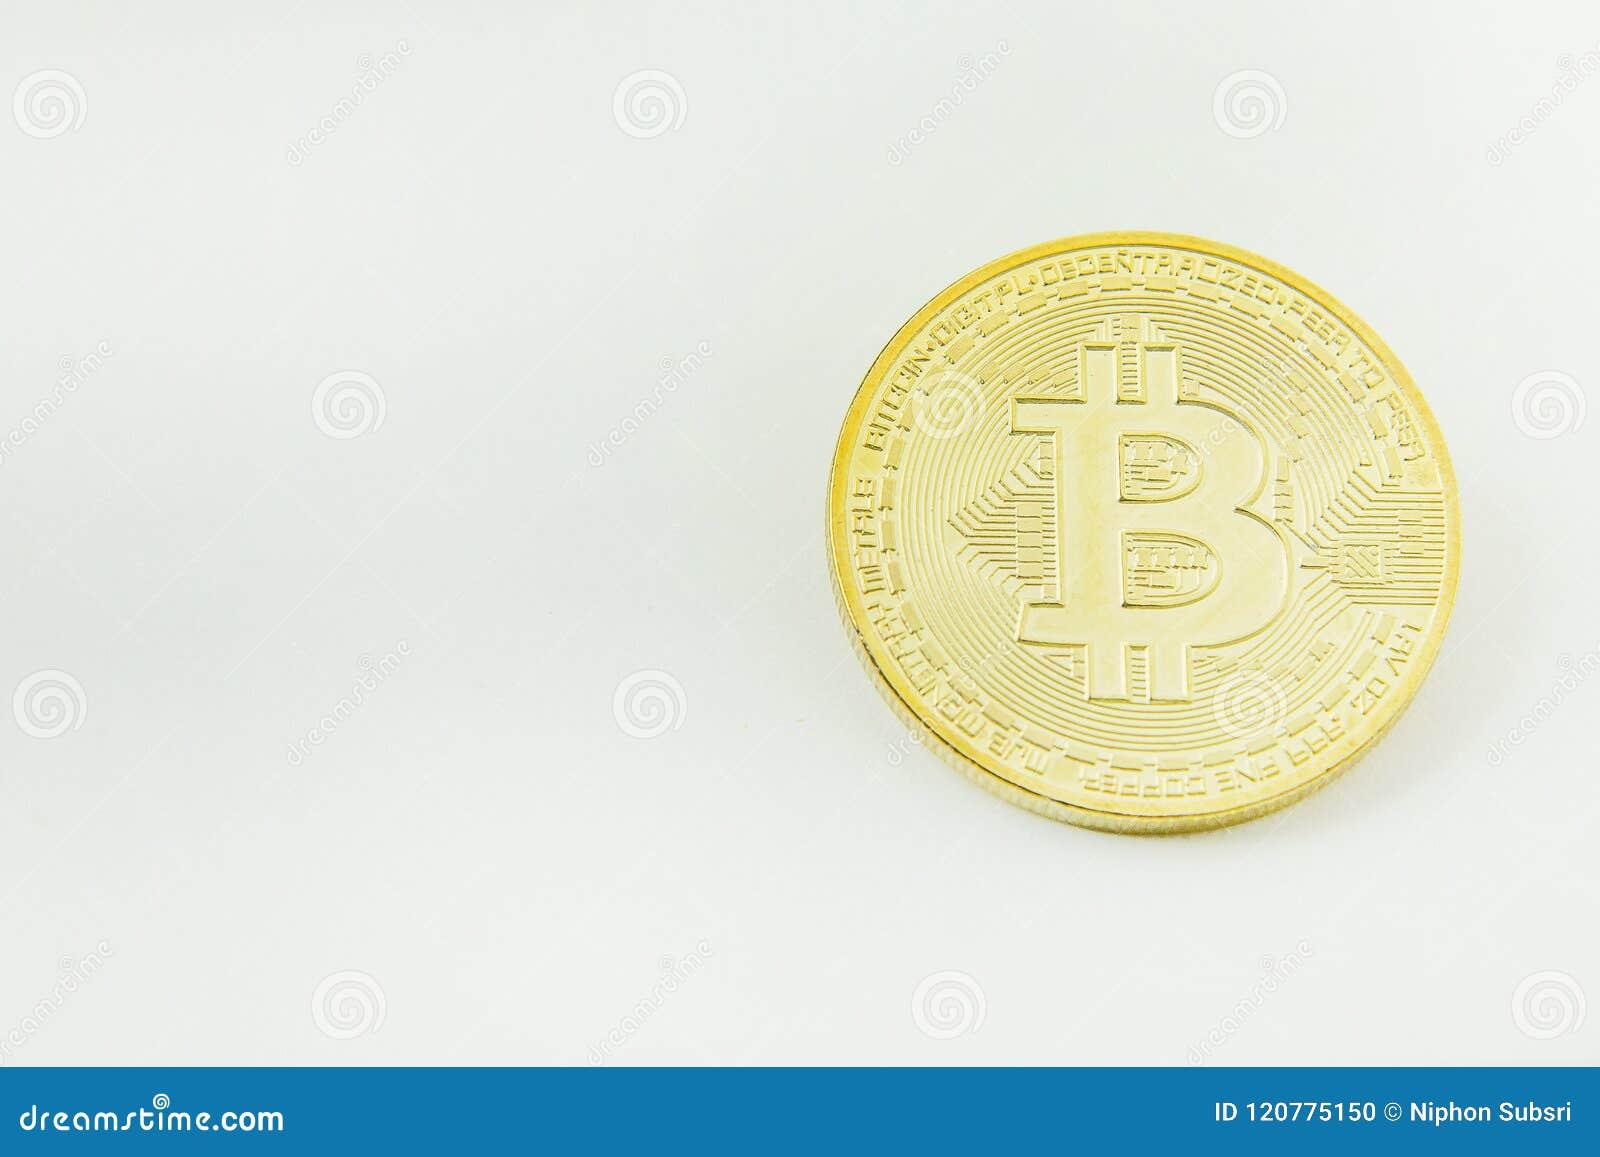 Close up cripto da imagem do dinheiro eletrônico da moeda de Bitcoin